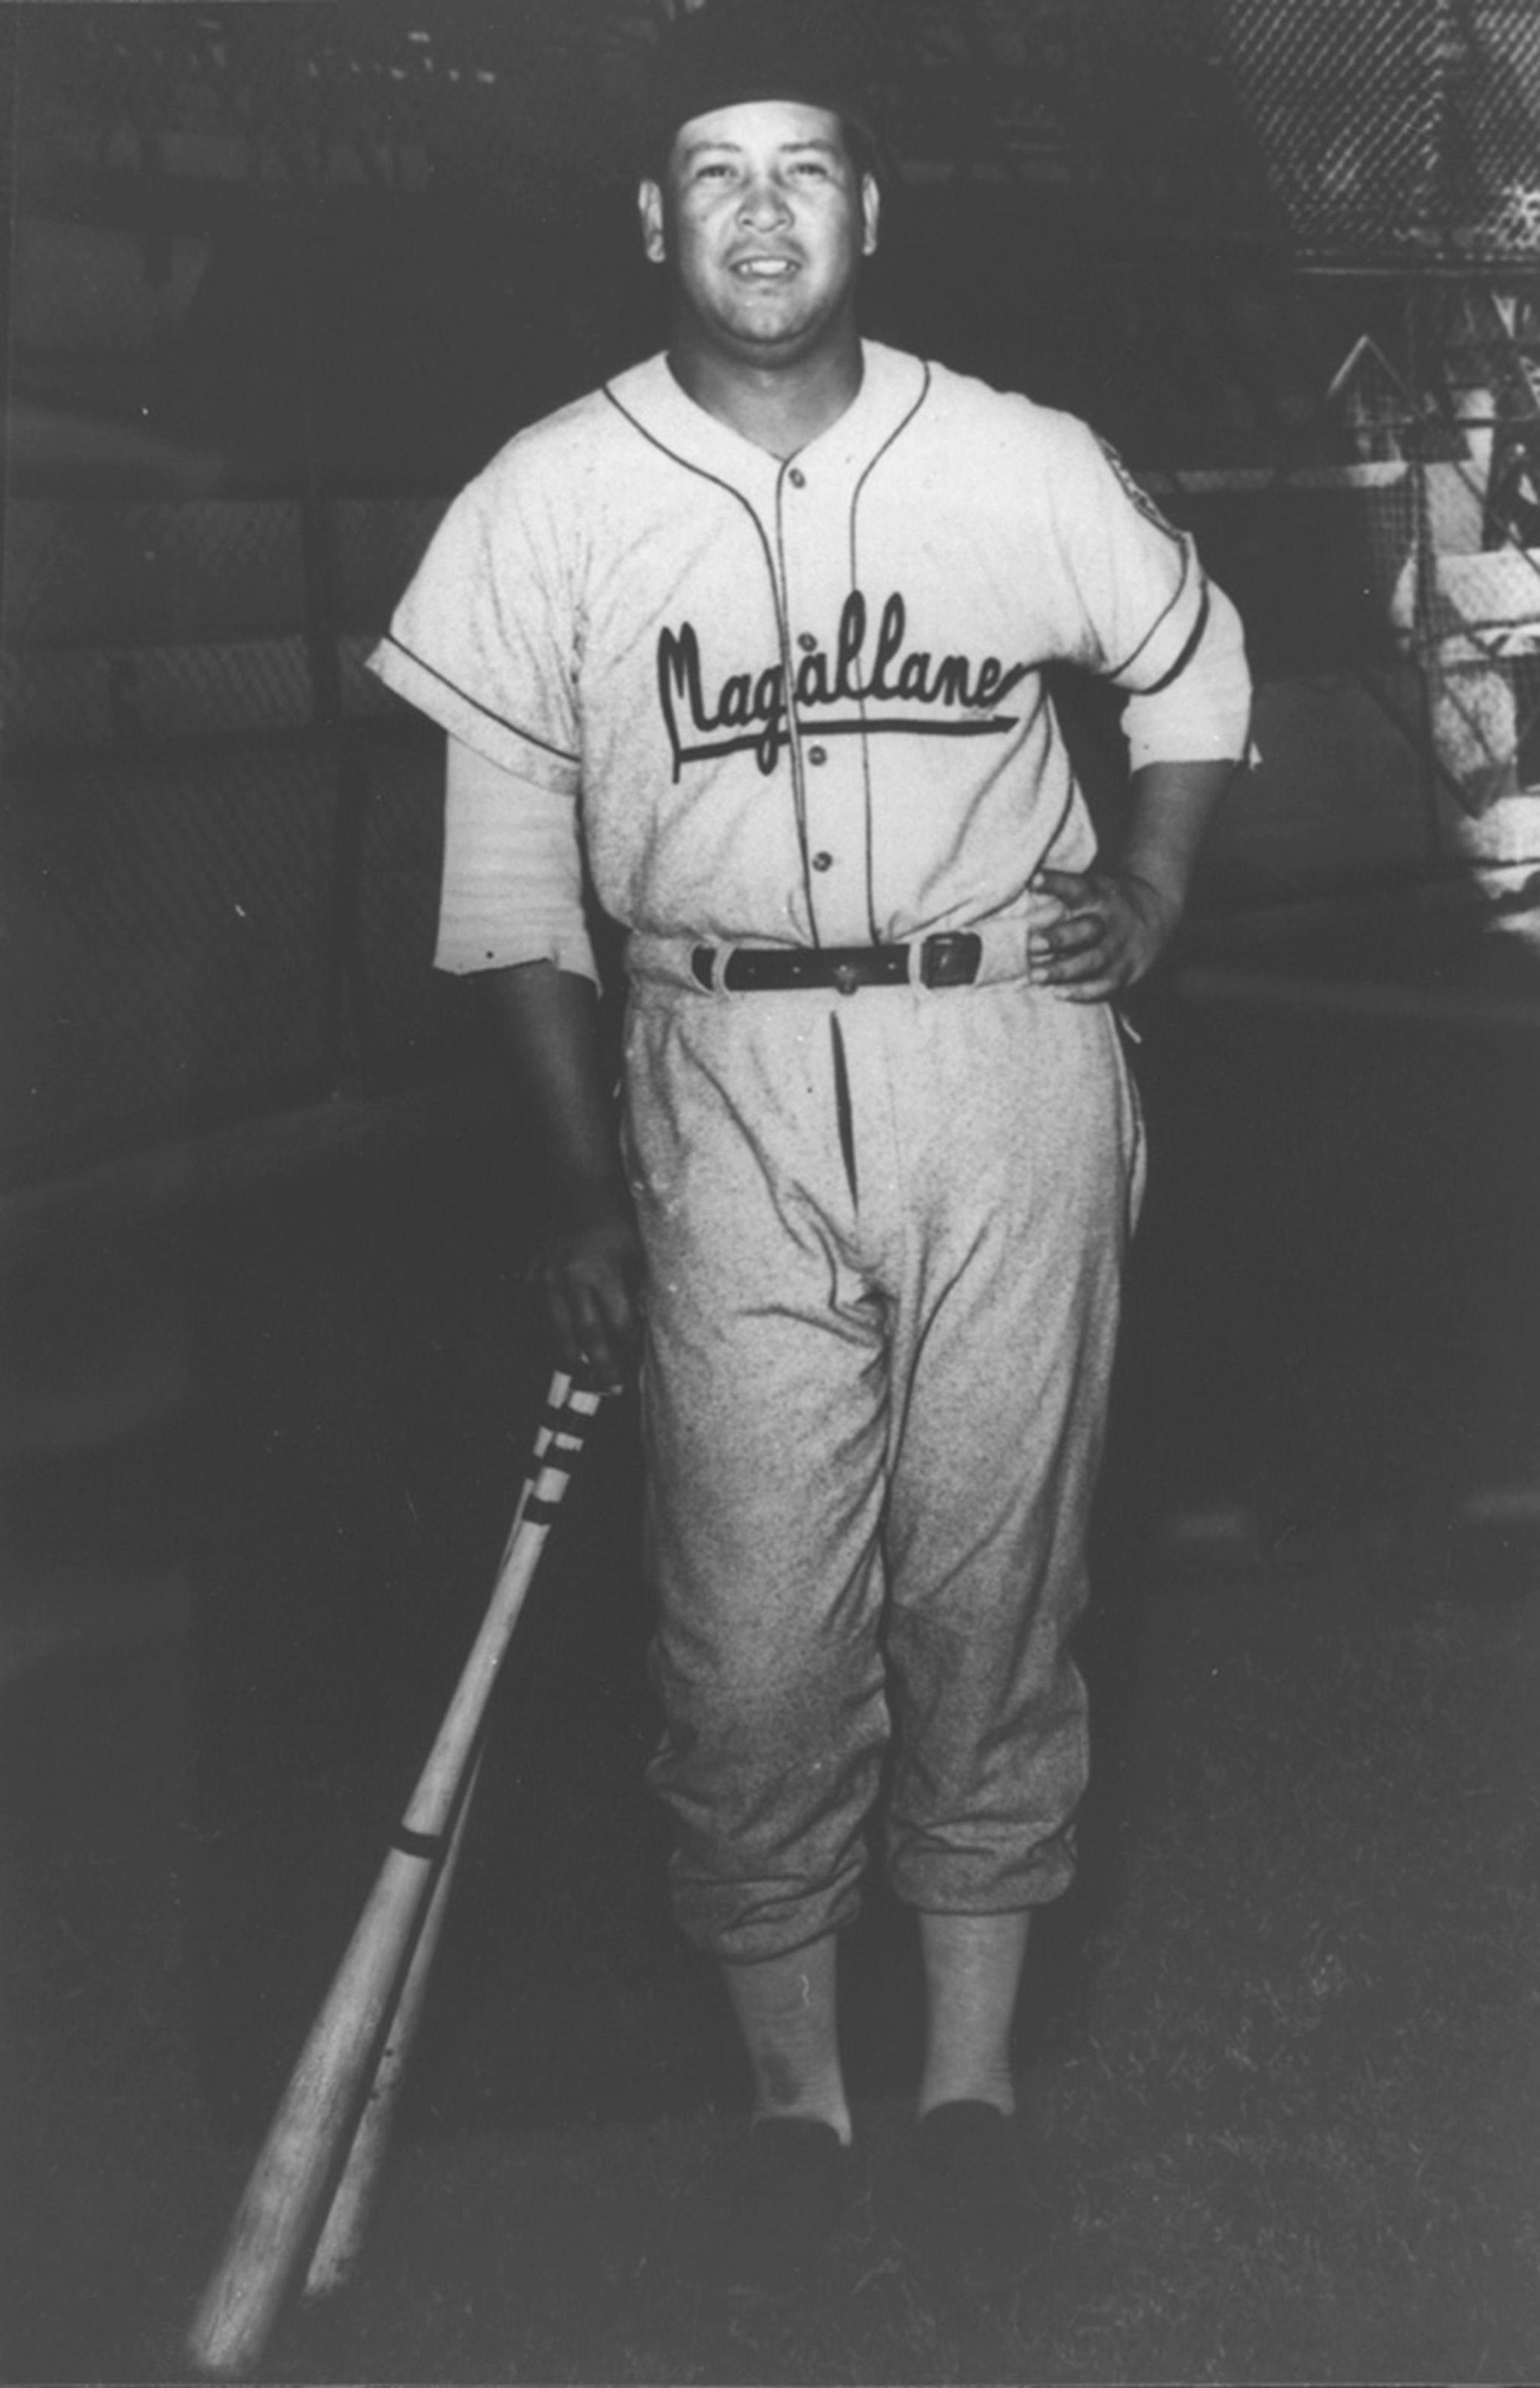 En 1941: Vidal López lanza su segundo no hitter de la temporada y Magallanes gana 4 a 0 al Vargas.